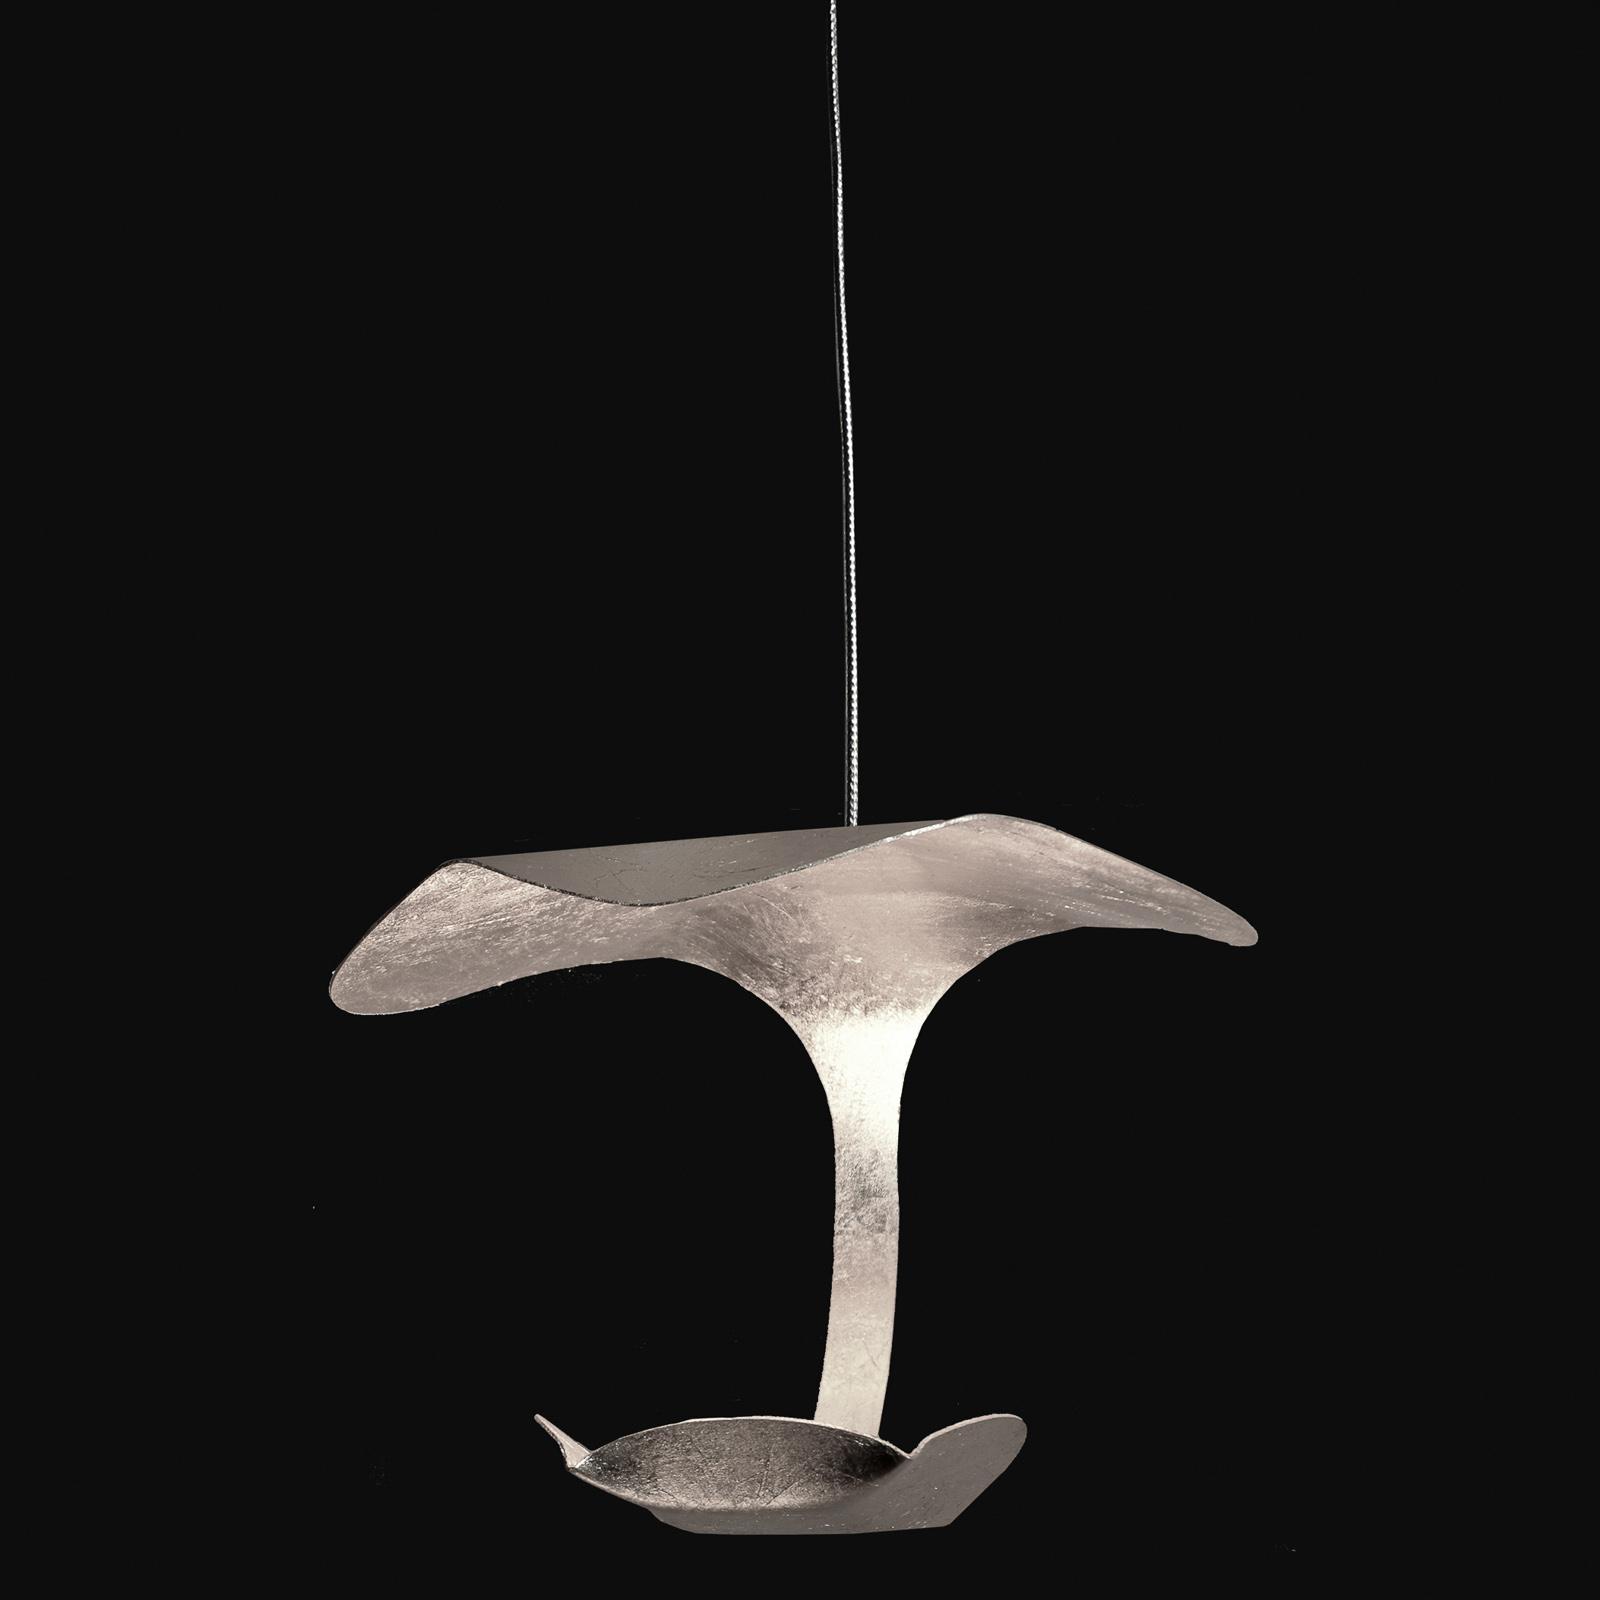 Knikerboker Le Gigine LED-Hängeleuchte 1fl silber